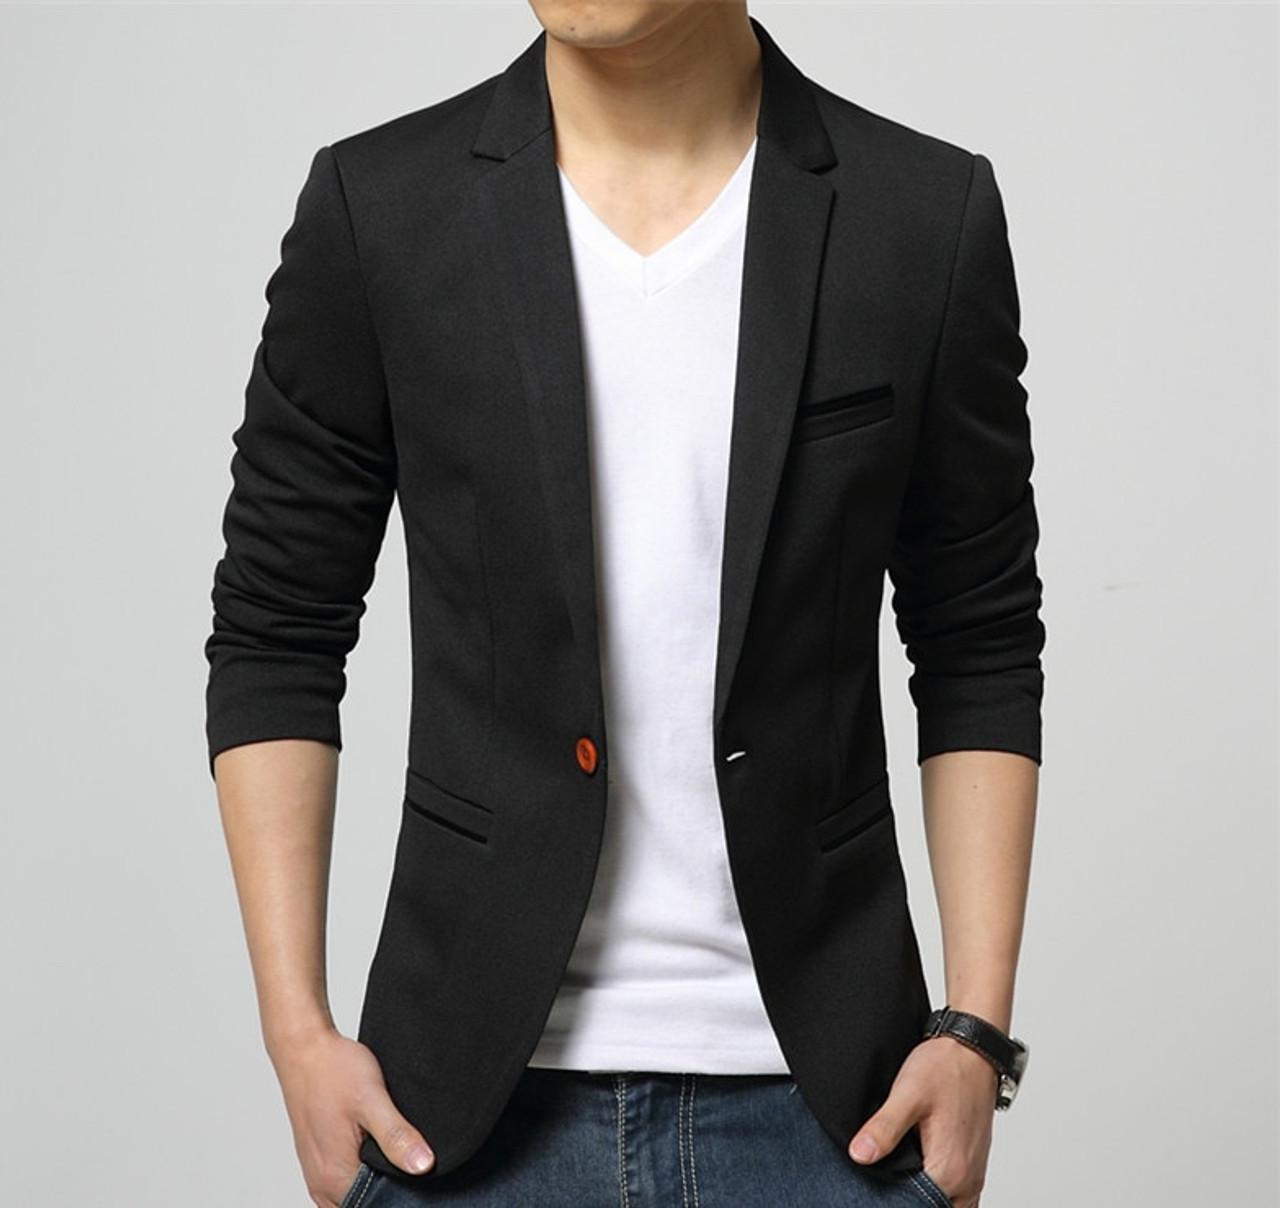 78b0e3e5d9c86 ... 2019 Fashion Party Mens slim fit cotton blazer Suit Jacket black blue  beige plus size L ...